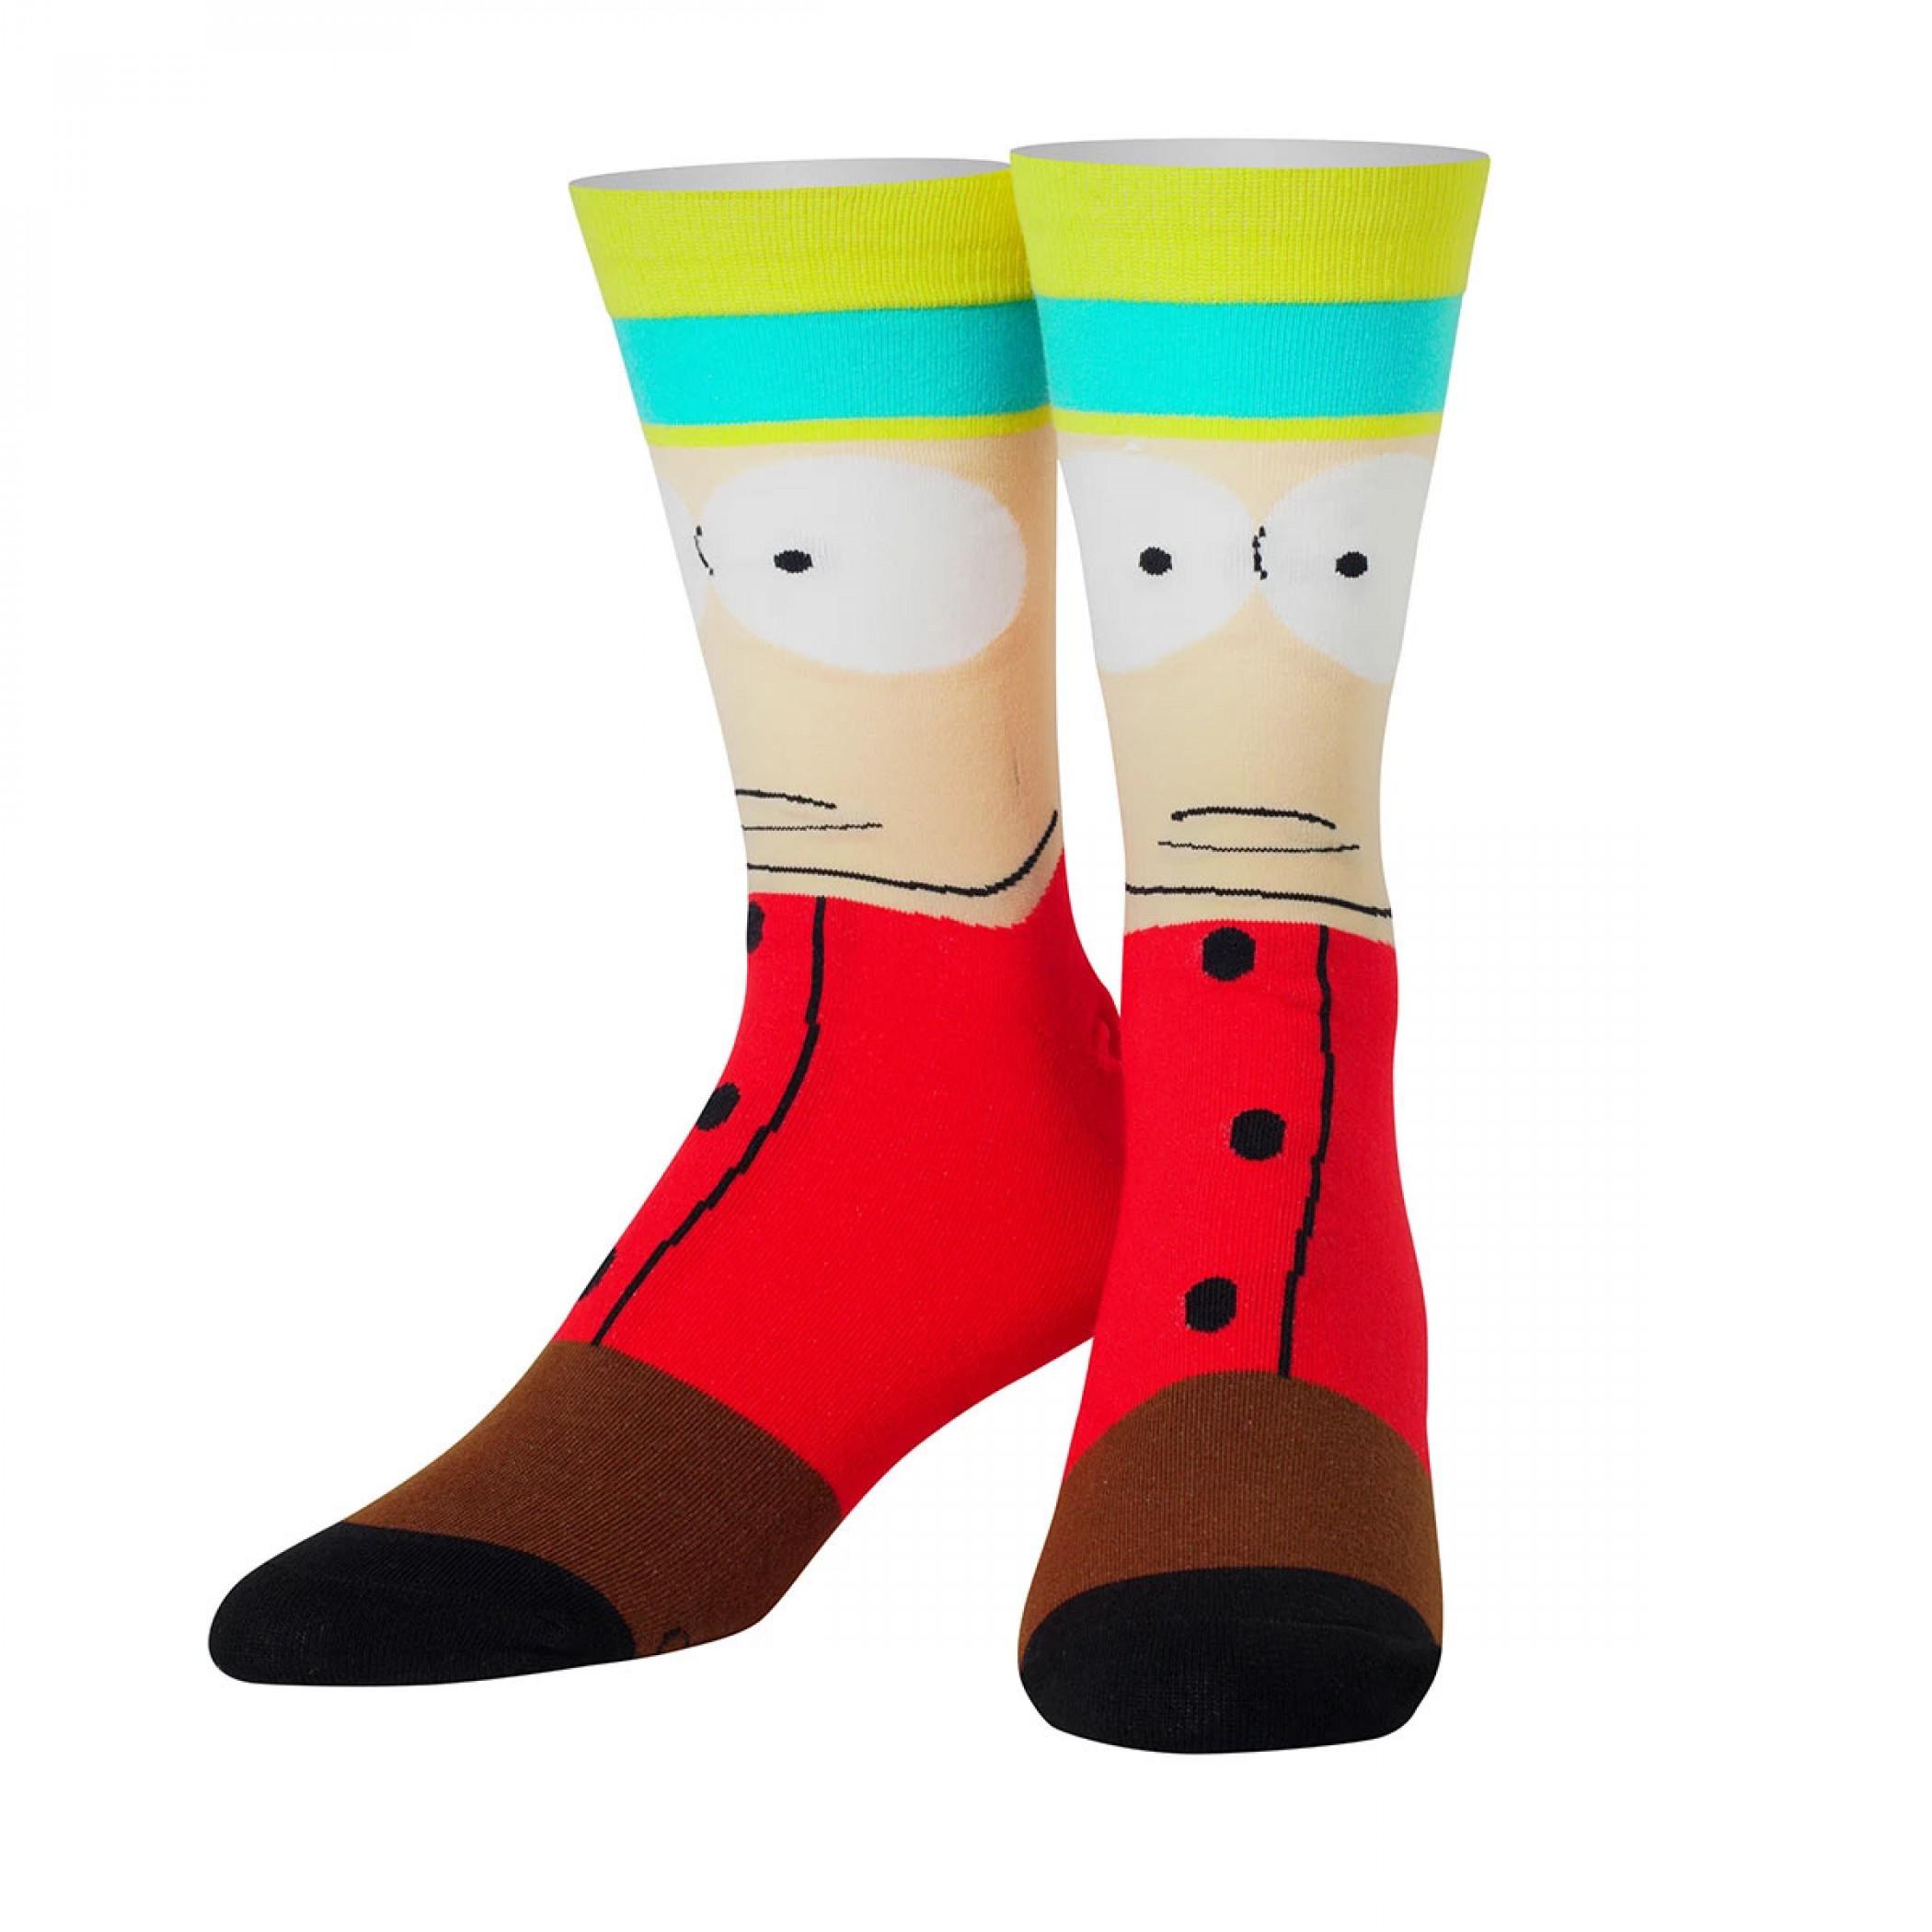 South Park Cartman Socks